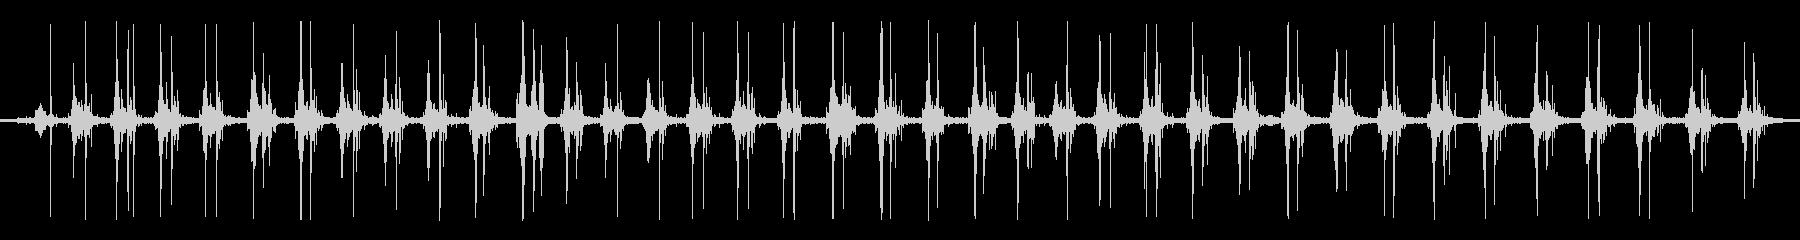 ジムナスティクス、トランポリン、屋...の未再生の波形